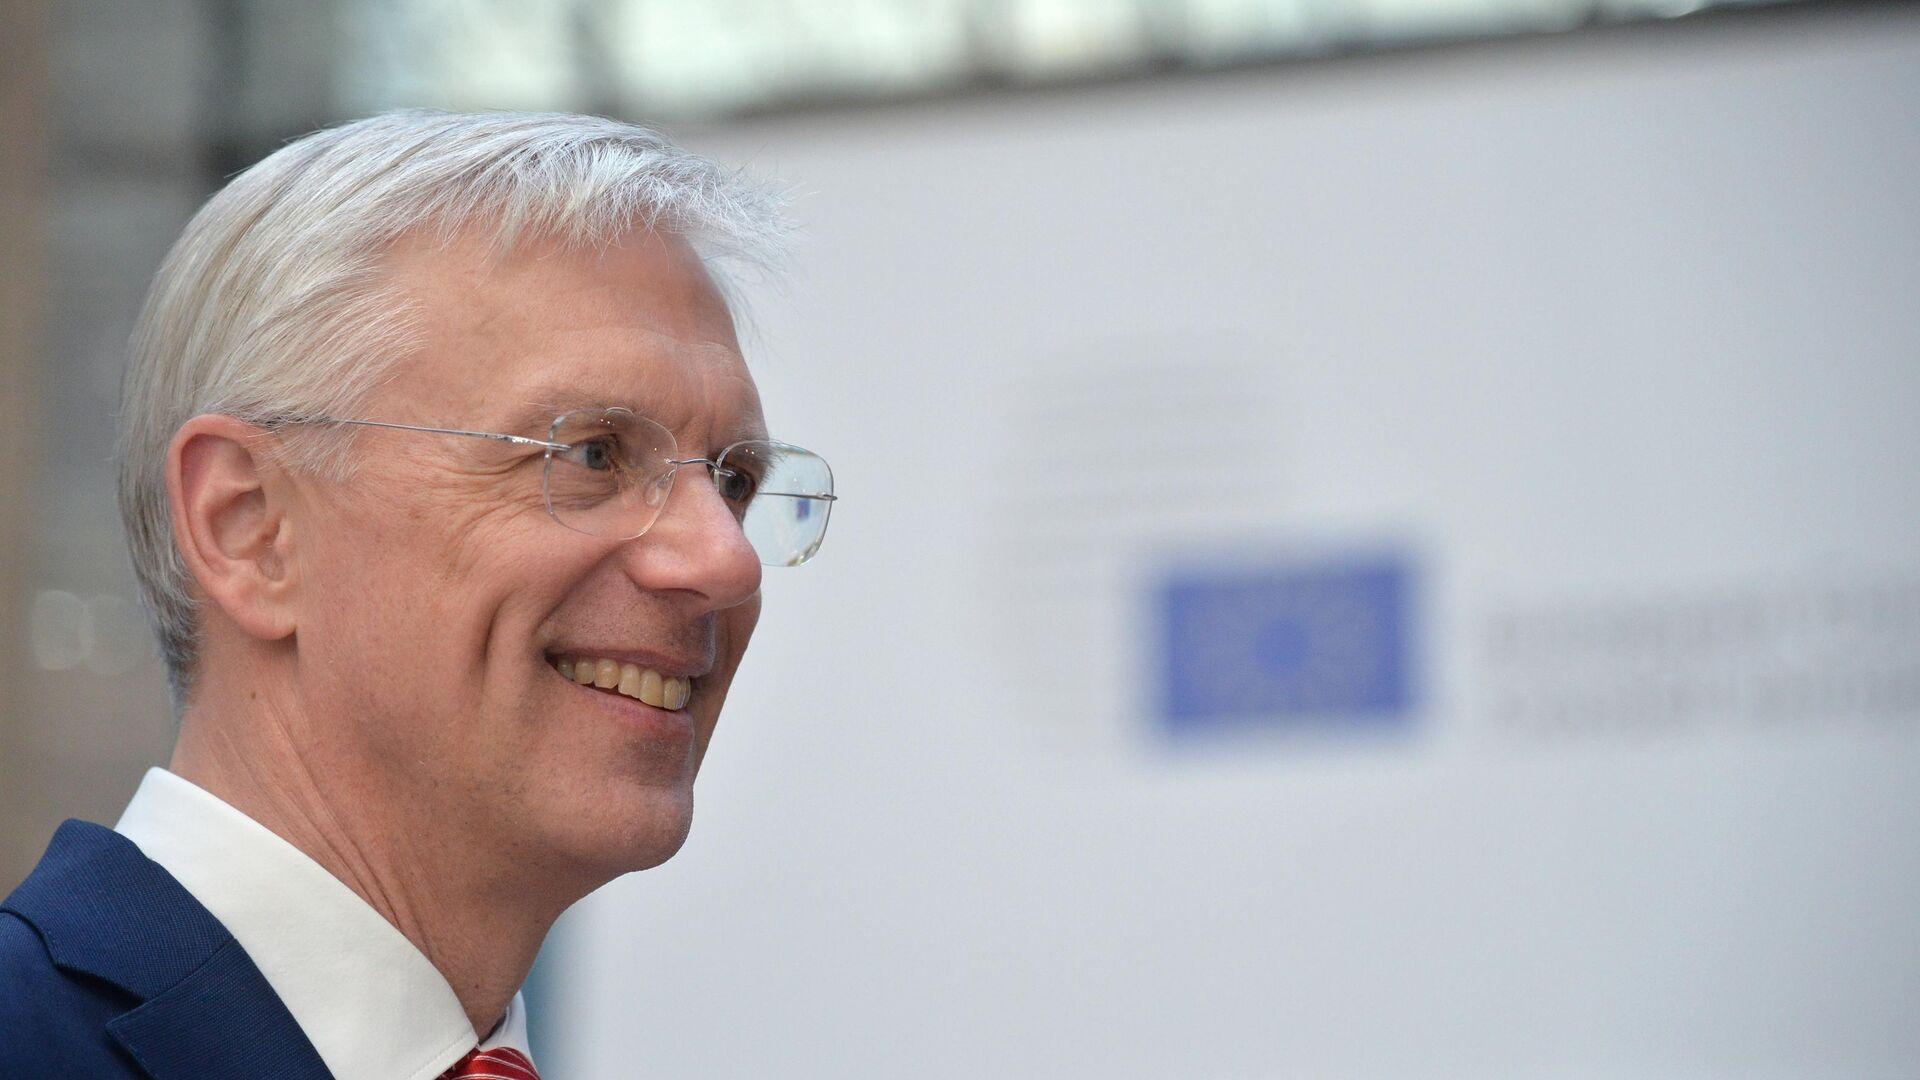 Премьер-министр Латвии Кришьянис Кариньш на экстренном саммите ЕС по Brexit в Брюсселе.10 апреля 2019 - РИА Новости, 1920, 05.01.2021